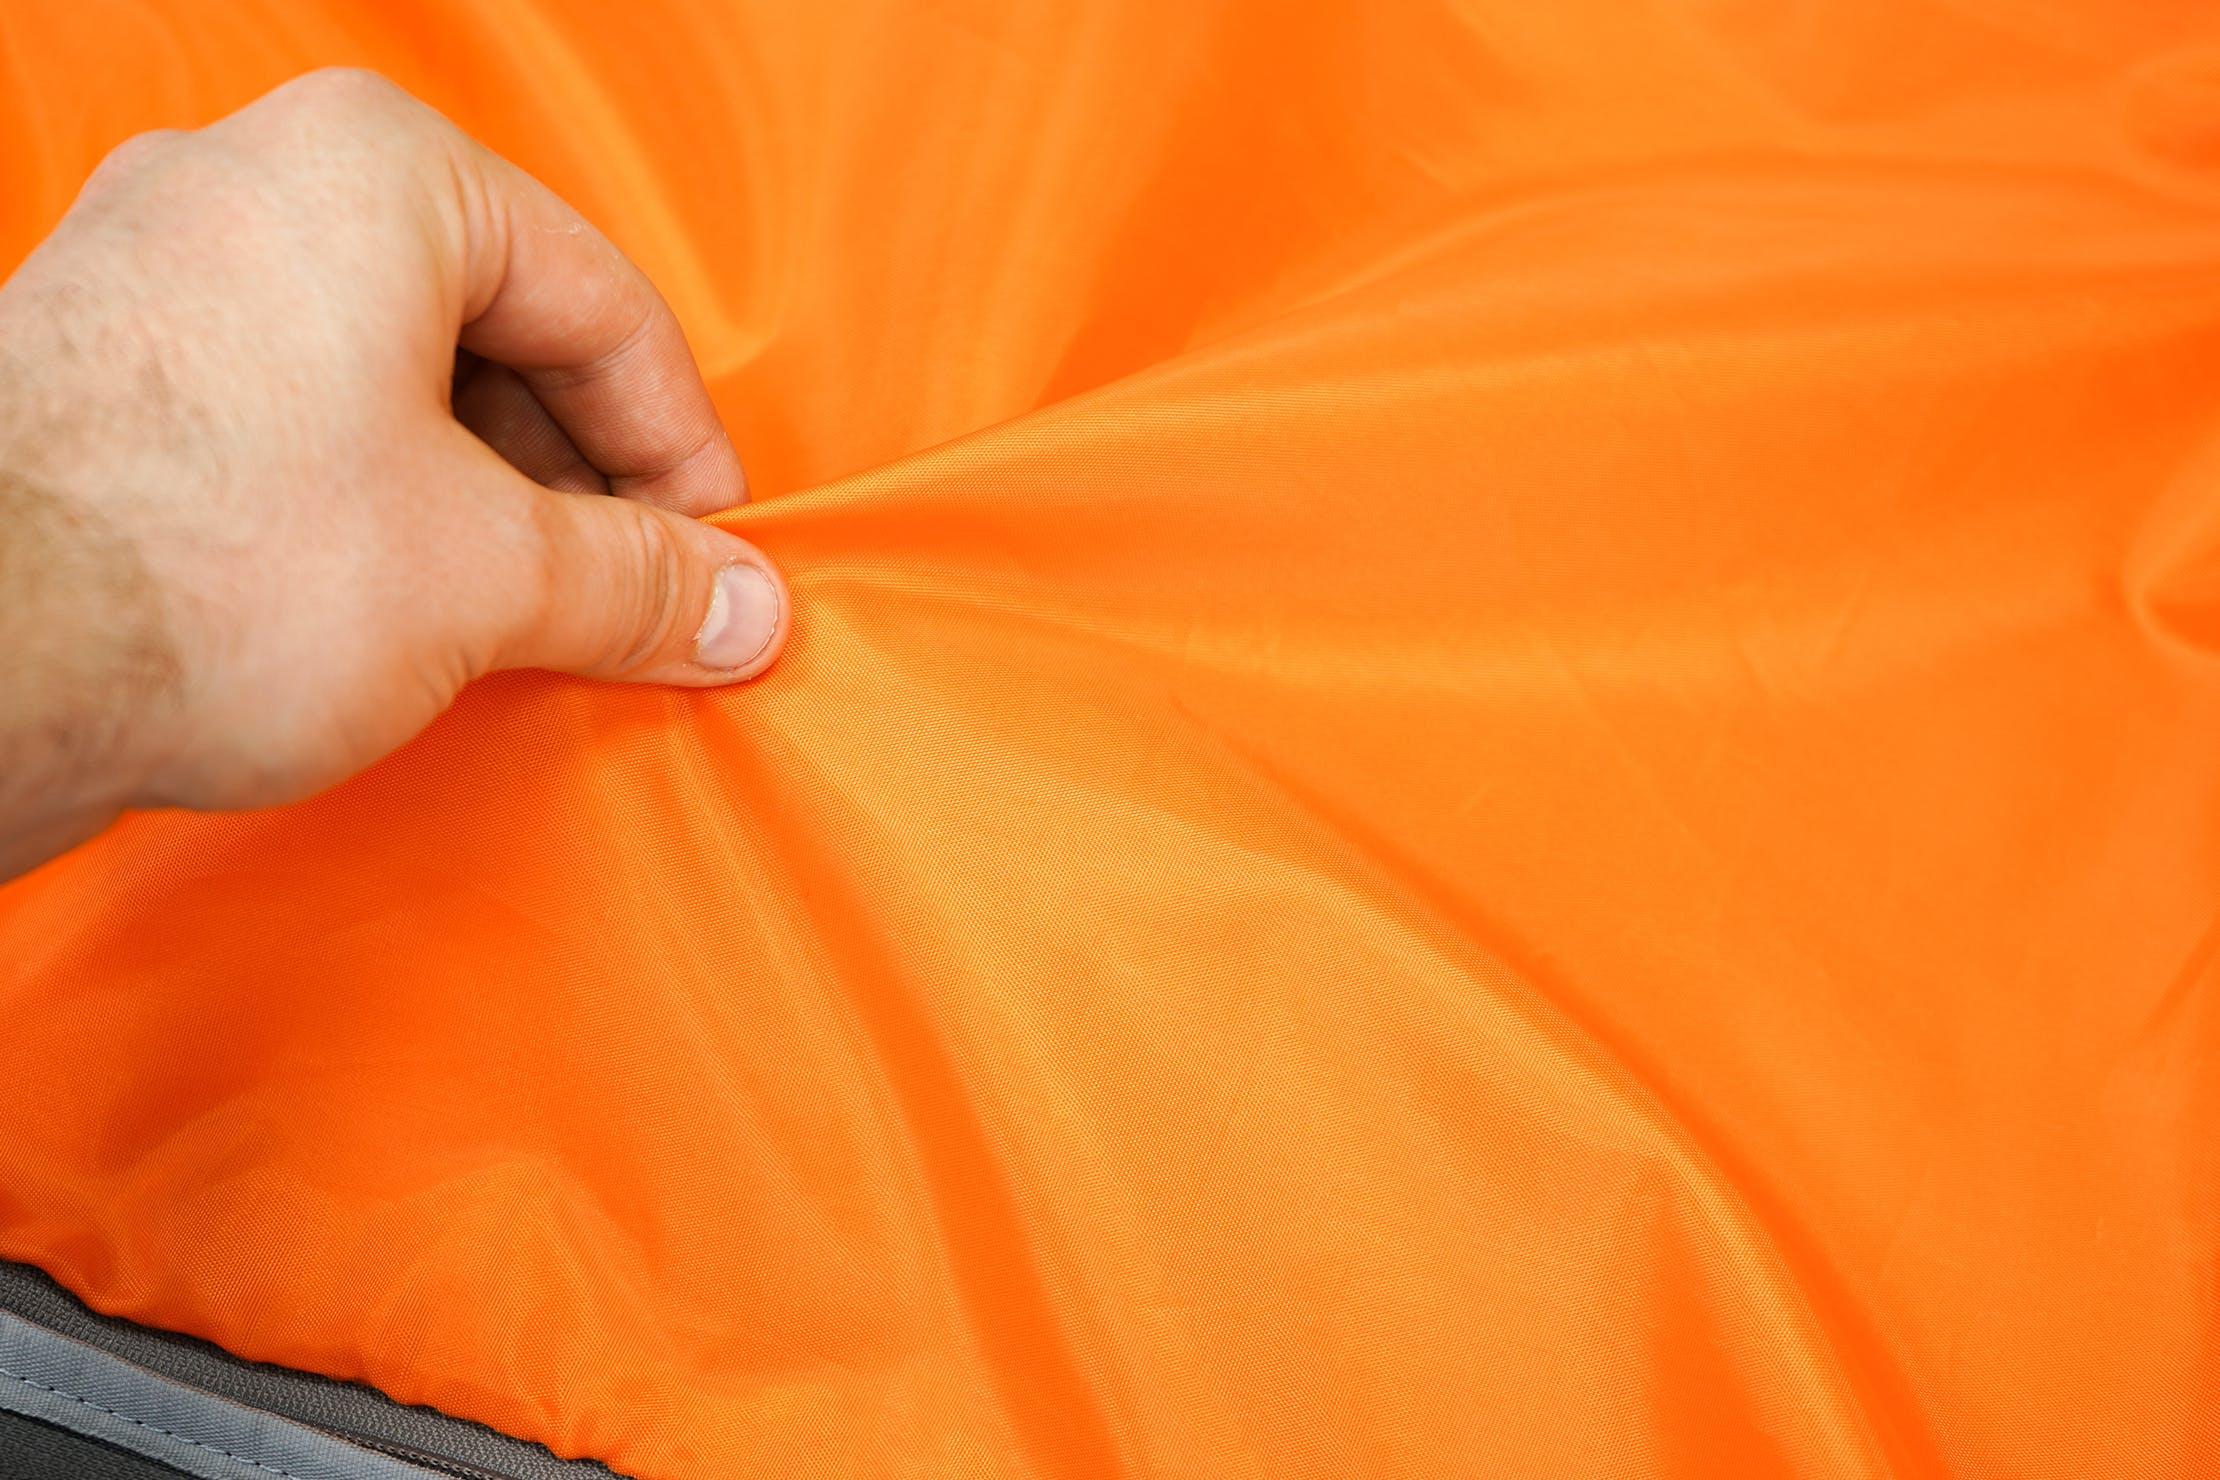 AmazonBasics Slim Travel Backpack Weekender Bright Orange Polyester Lining